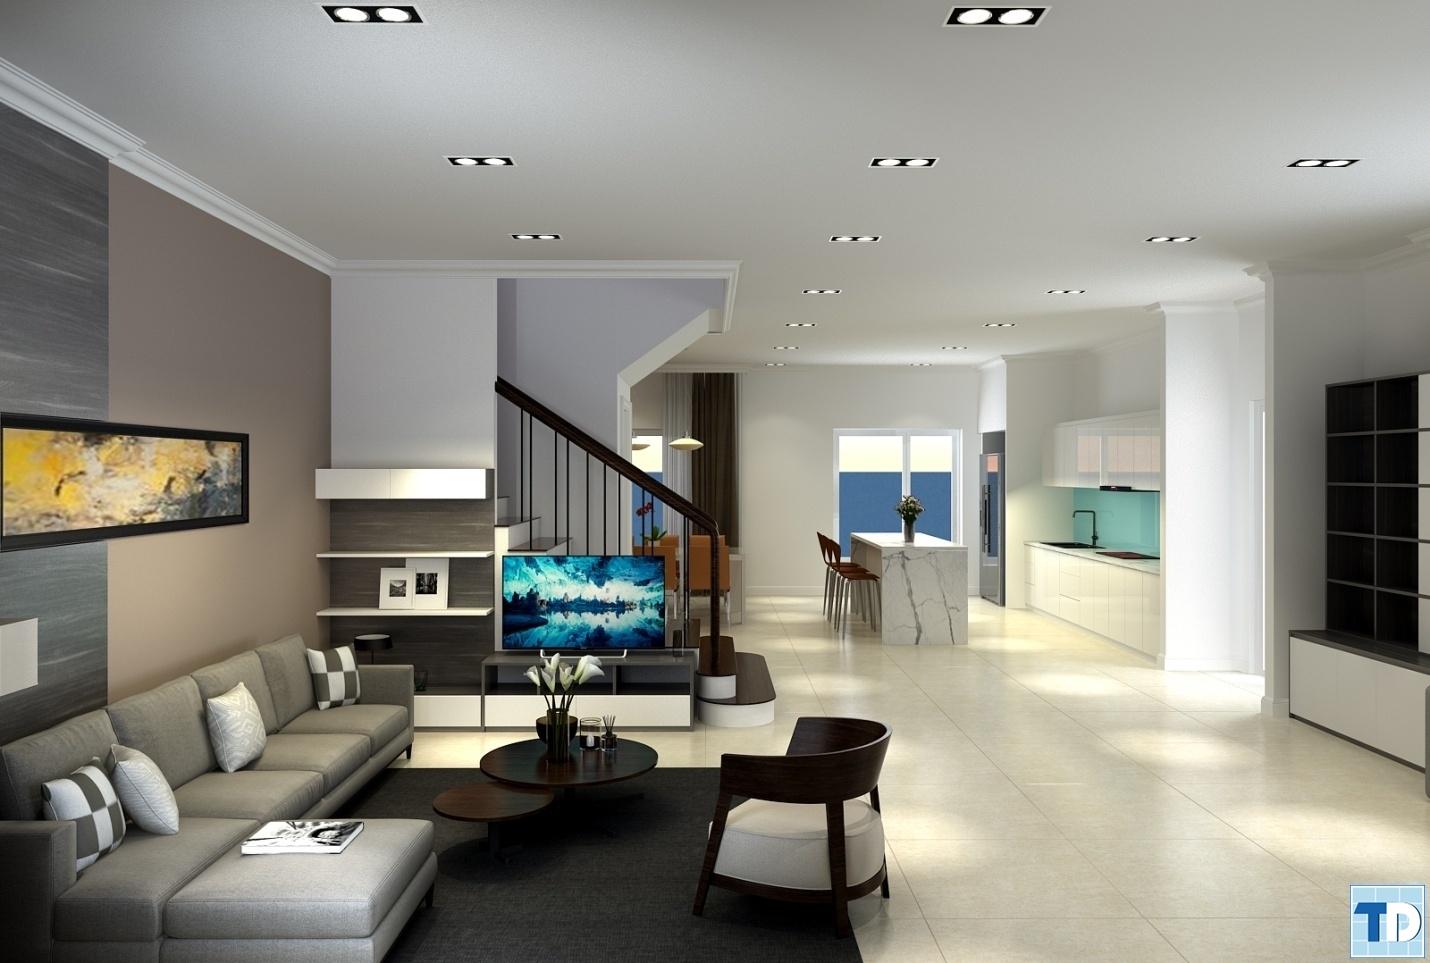 Hình ảnh thiết kế nội thất sang trọng